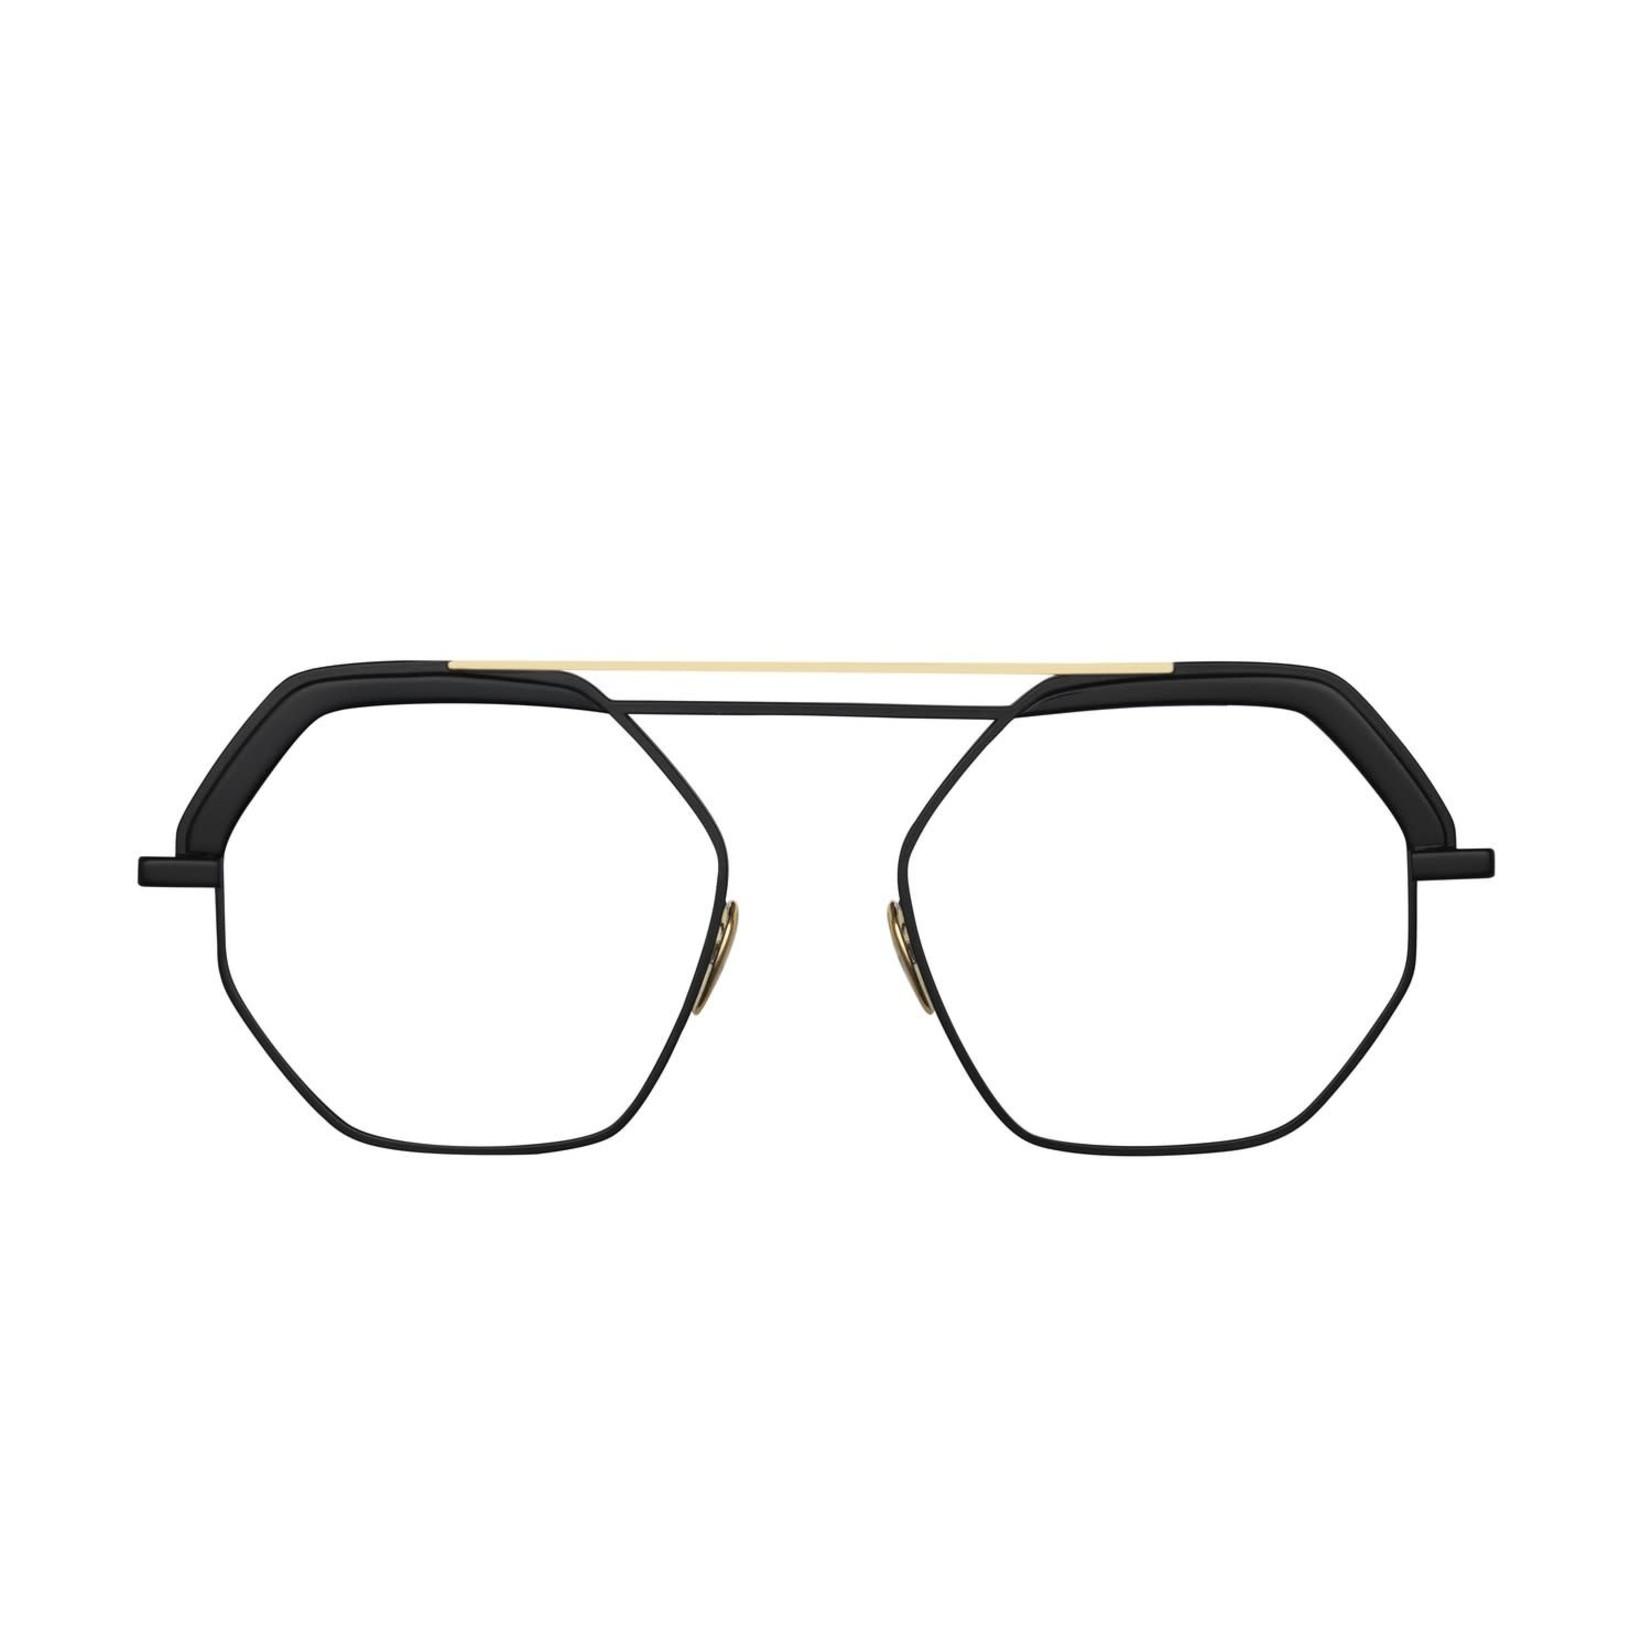 La Petite Lunette Eyewear LPLR Nojh